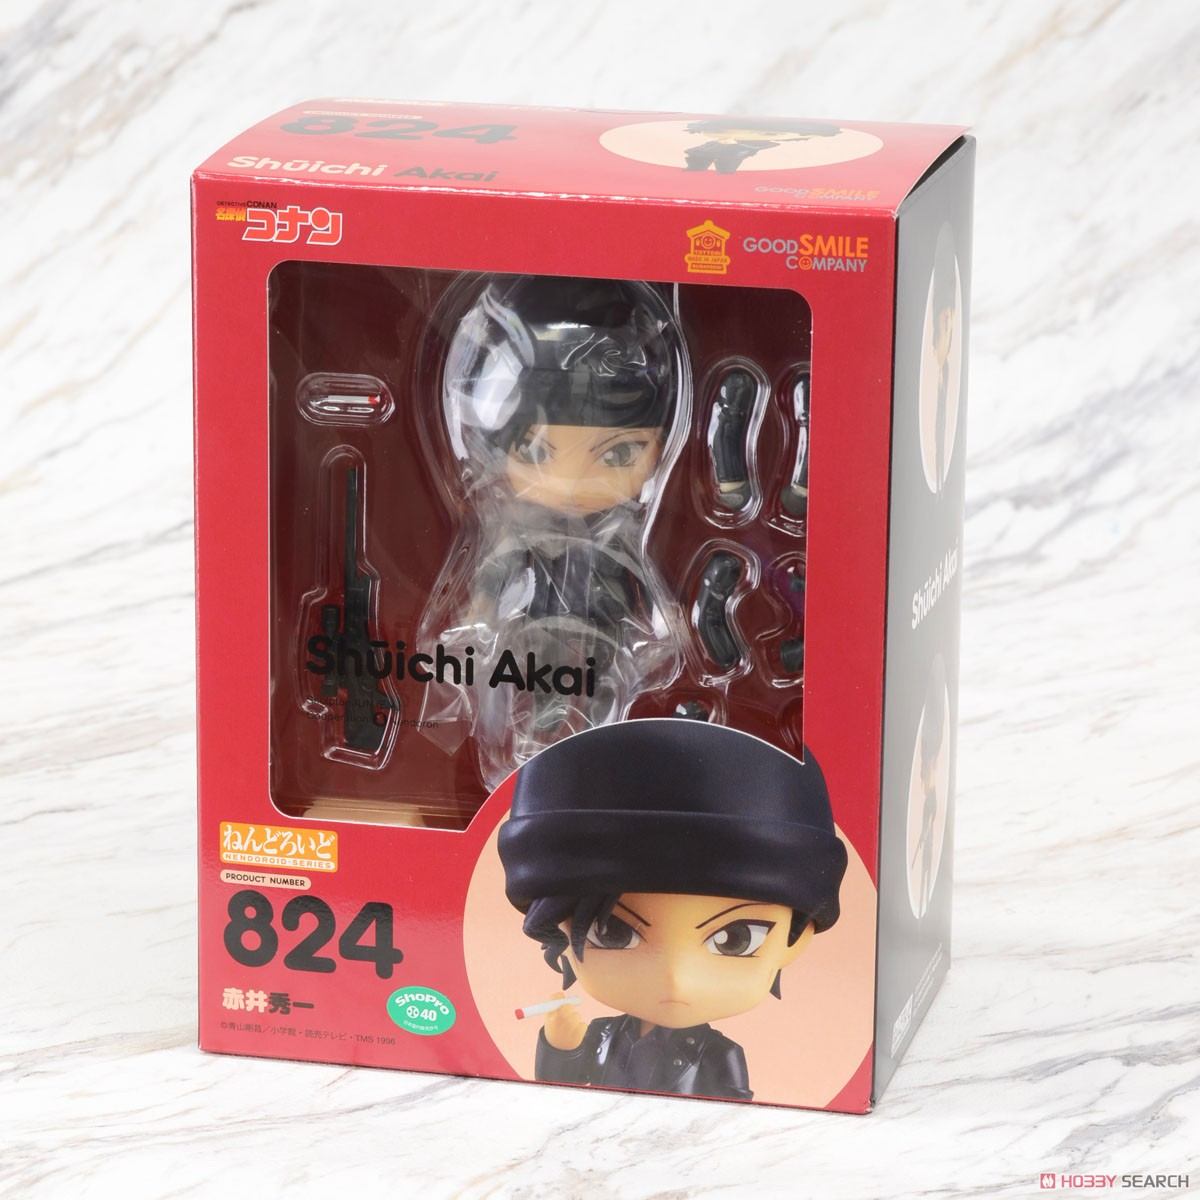 (มี1 รอเมลฉบับที่2 ยืนยันก่อนโอนเงิน ) Nendoroid Shuichi Akai (PVC Figure) /